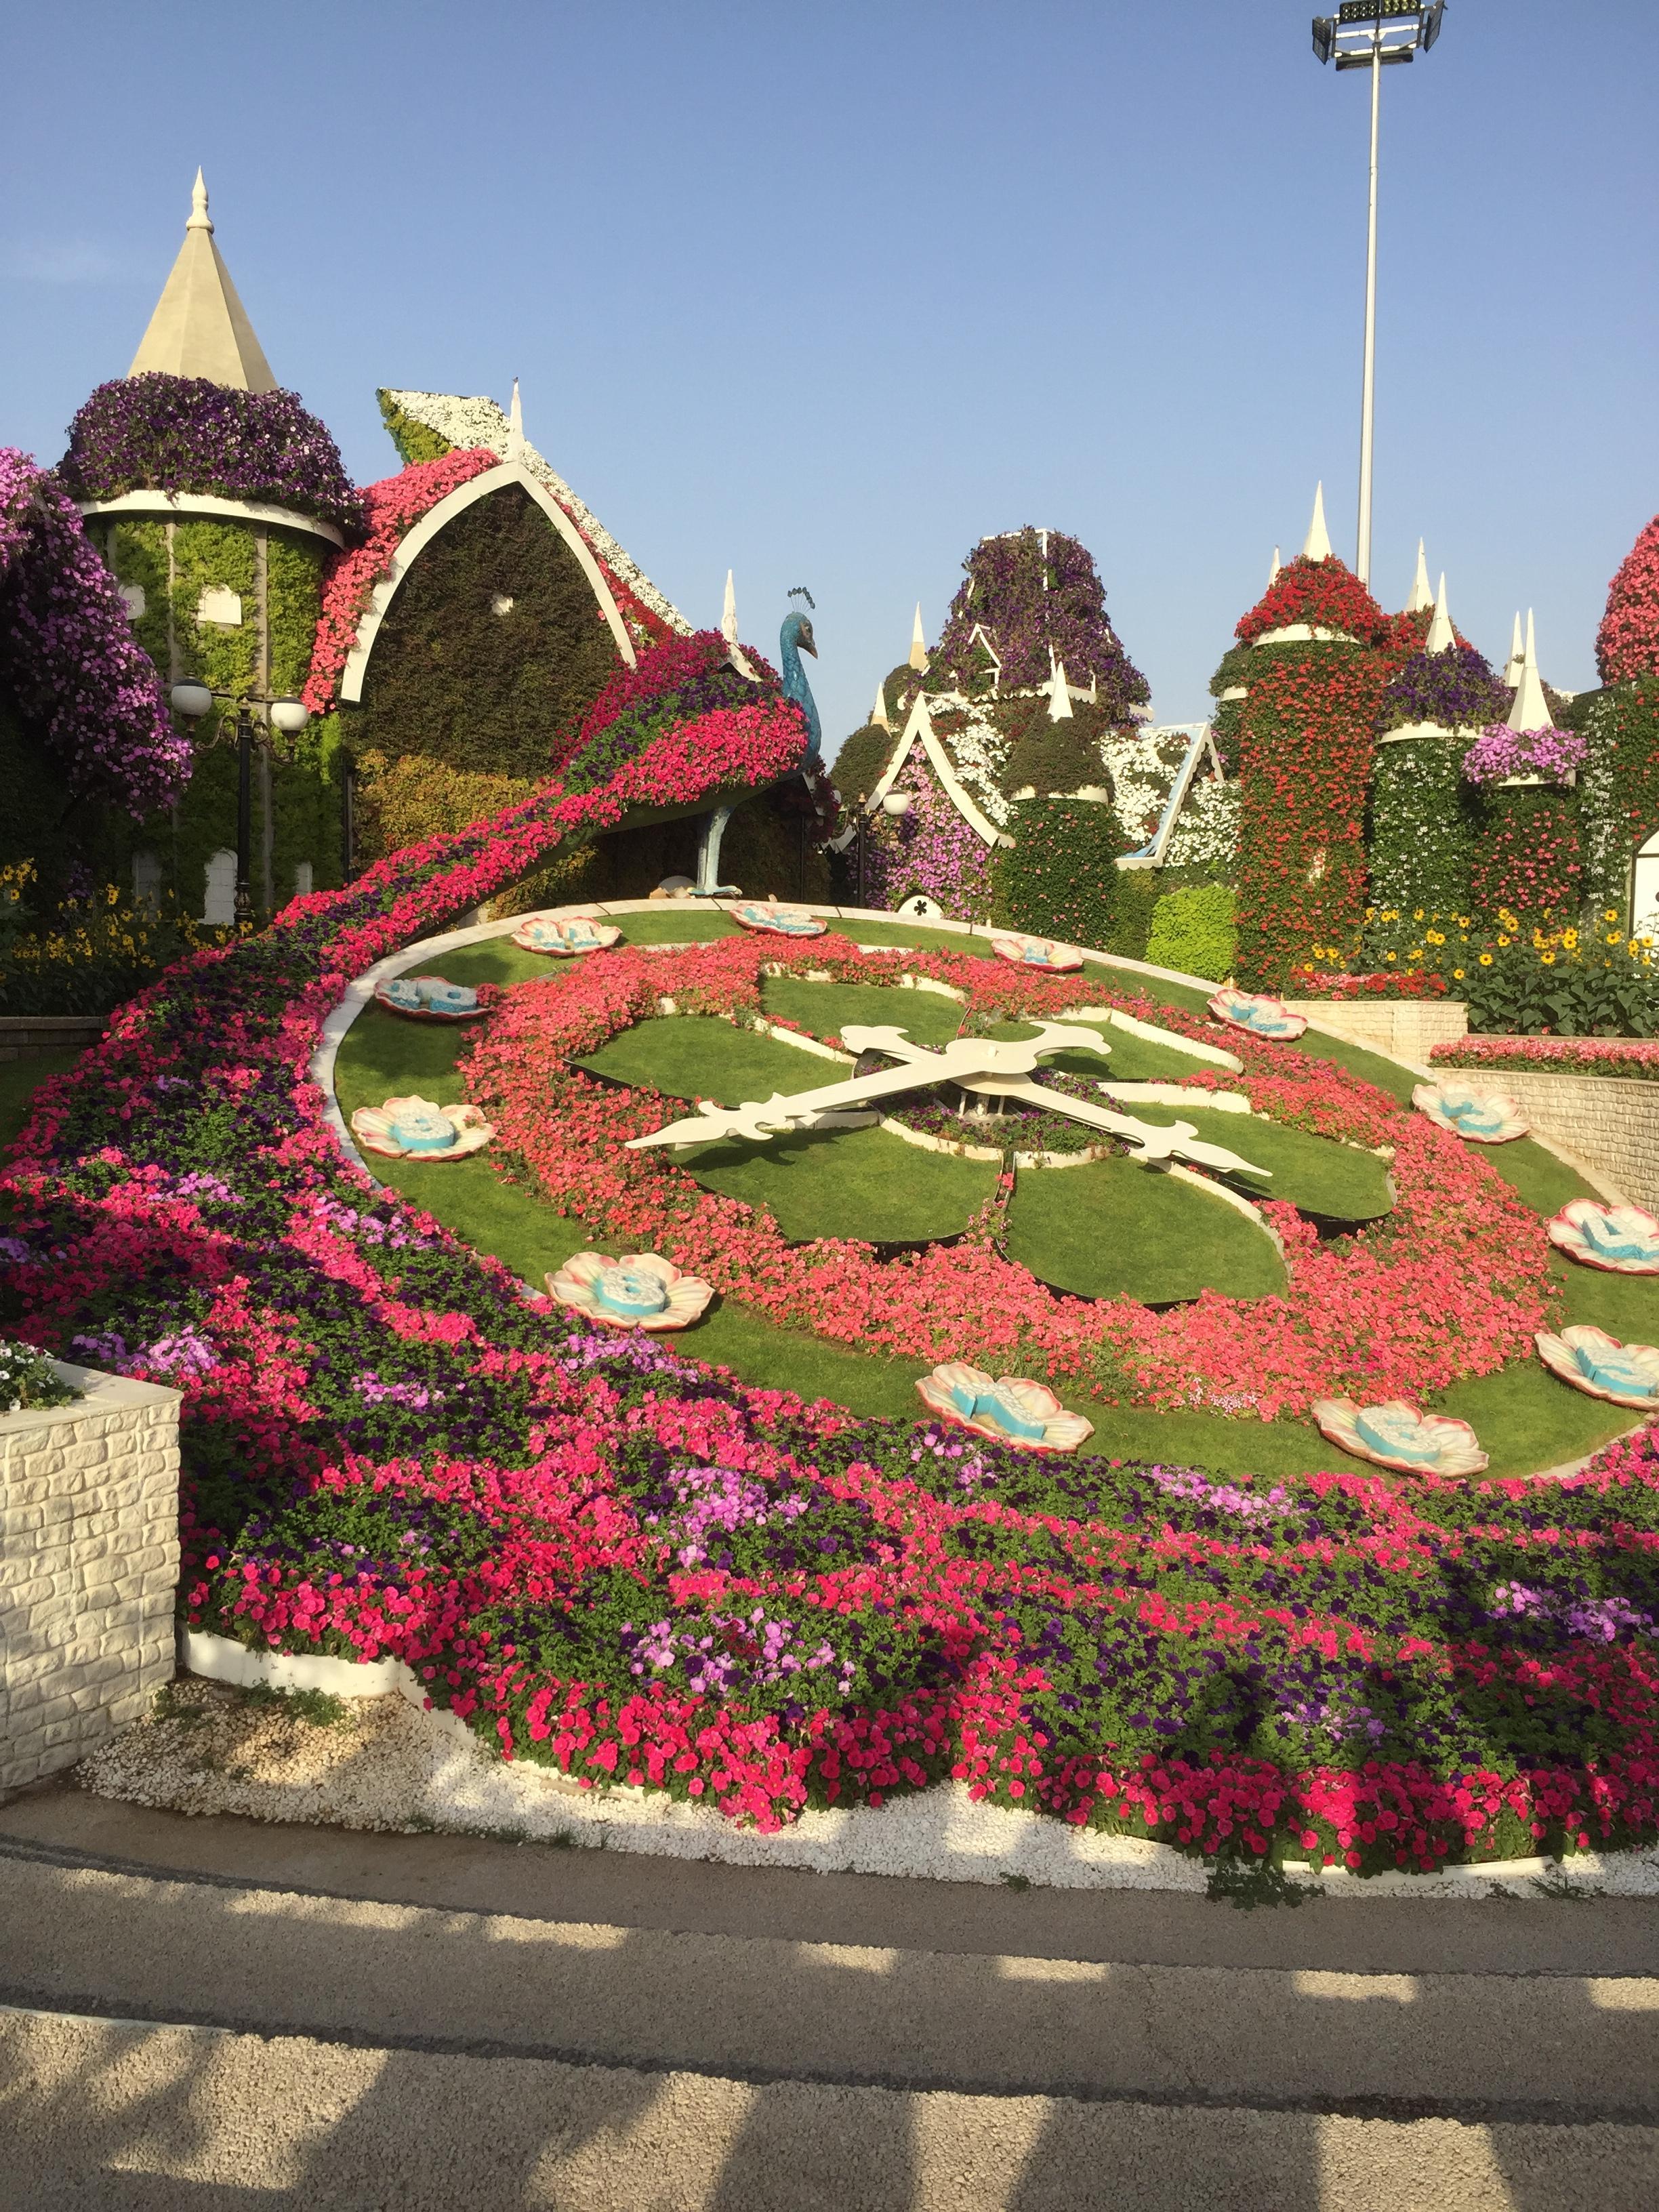 Miracle garden l'horloge